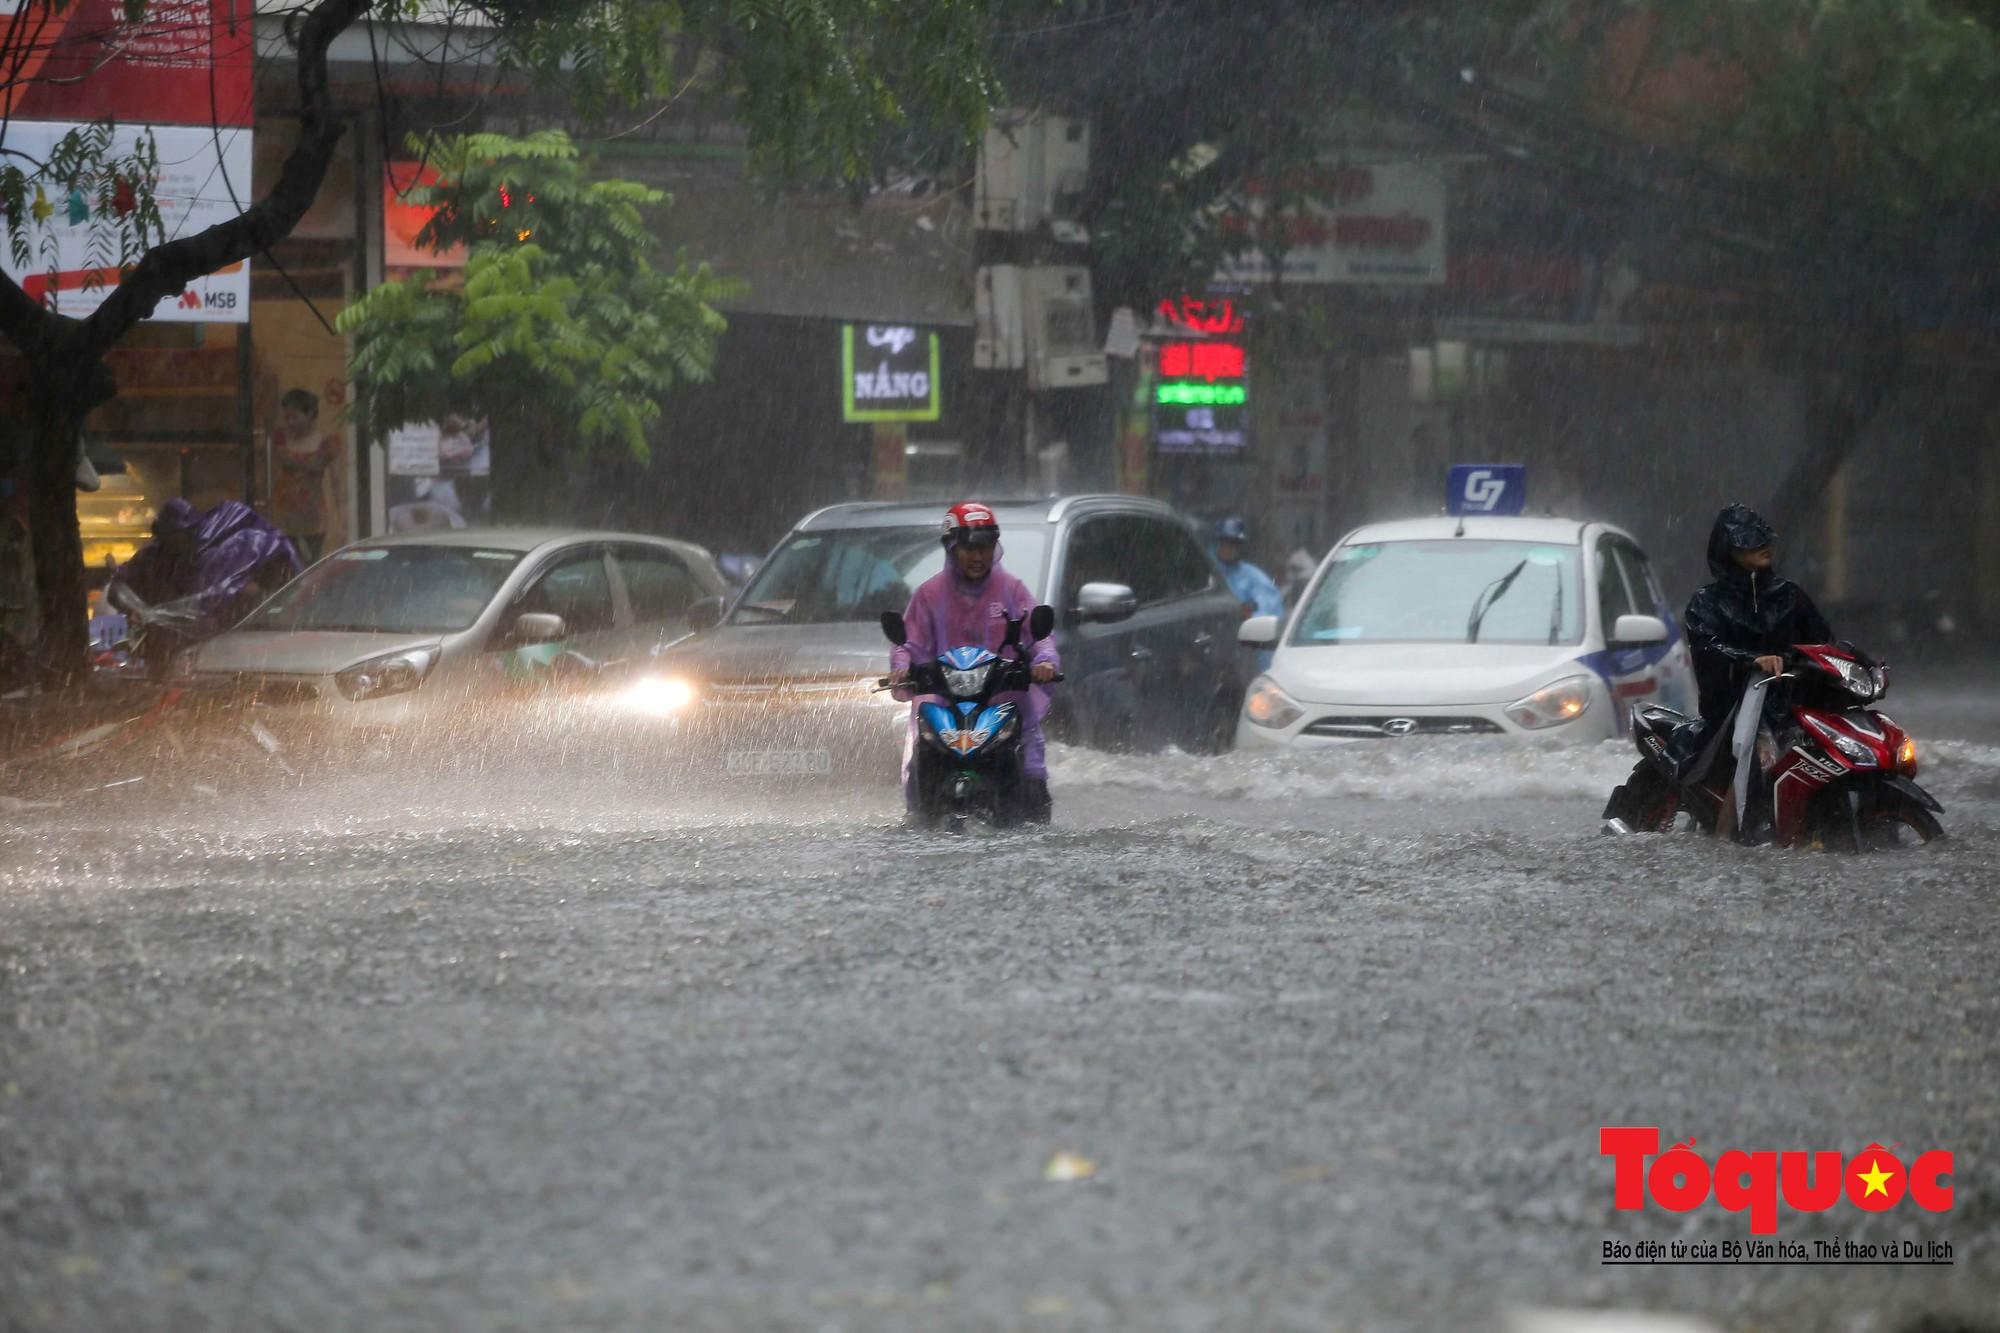 Hà Nội: mưa lớn chưa đến 30 phút, nhiều tuyến phố ngập sâu trong biển nước4